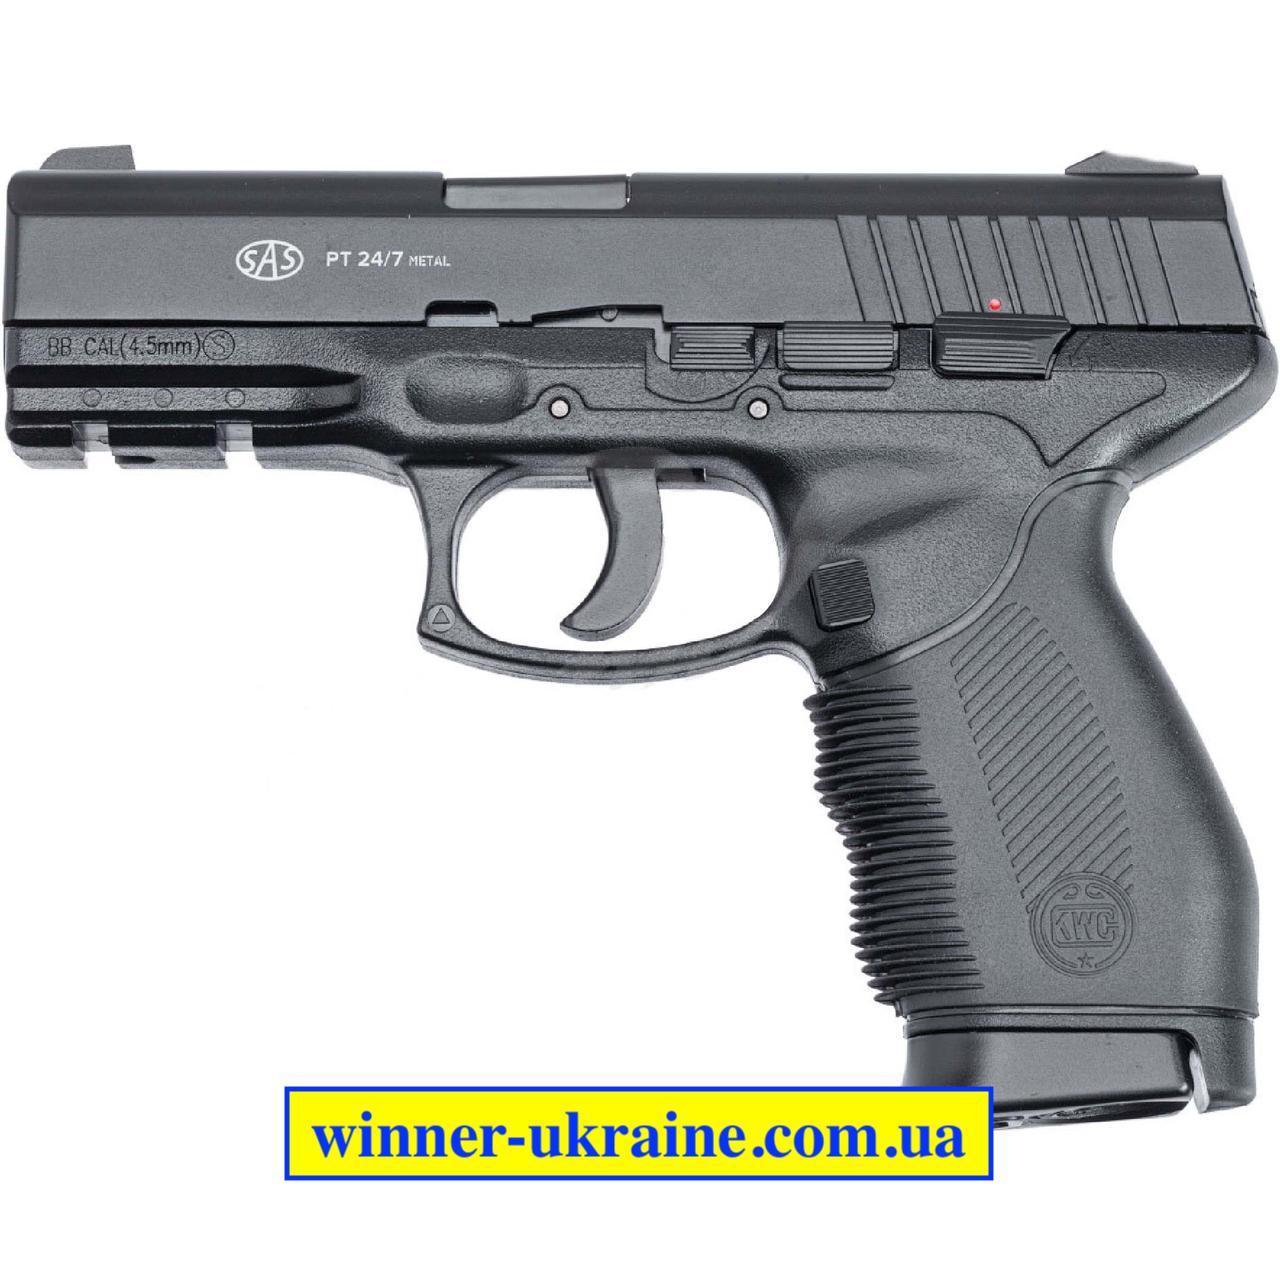 Пневматичний пістолет SAS PT 24/7 metal